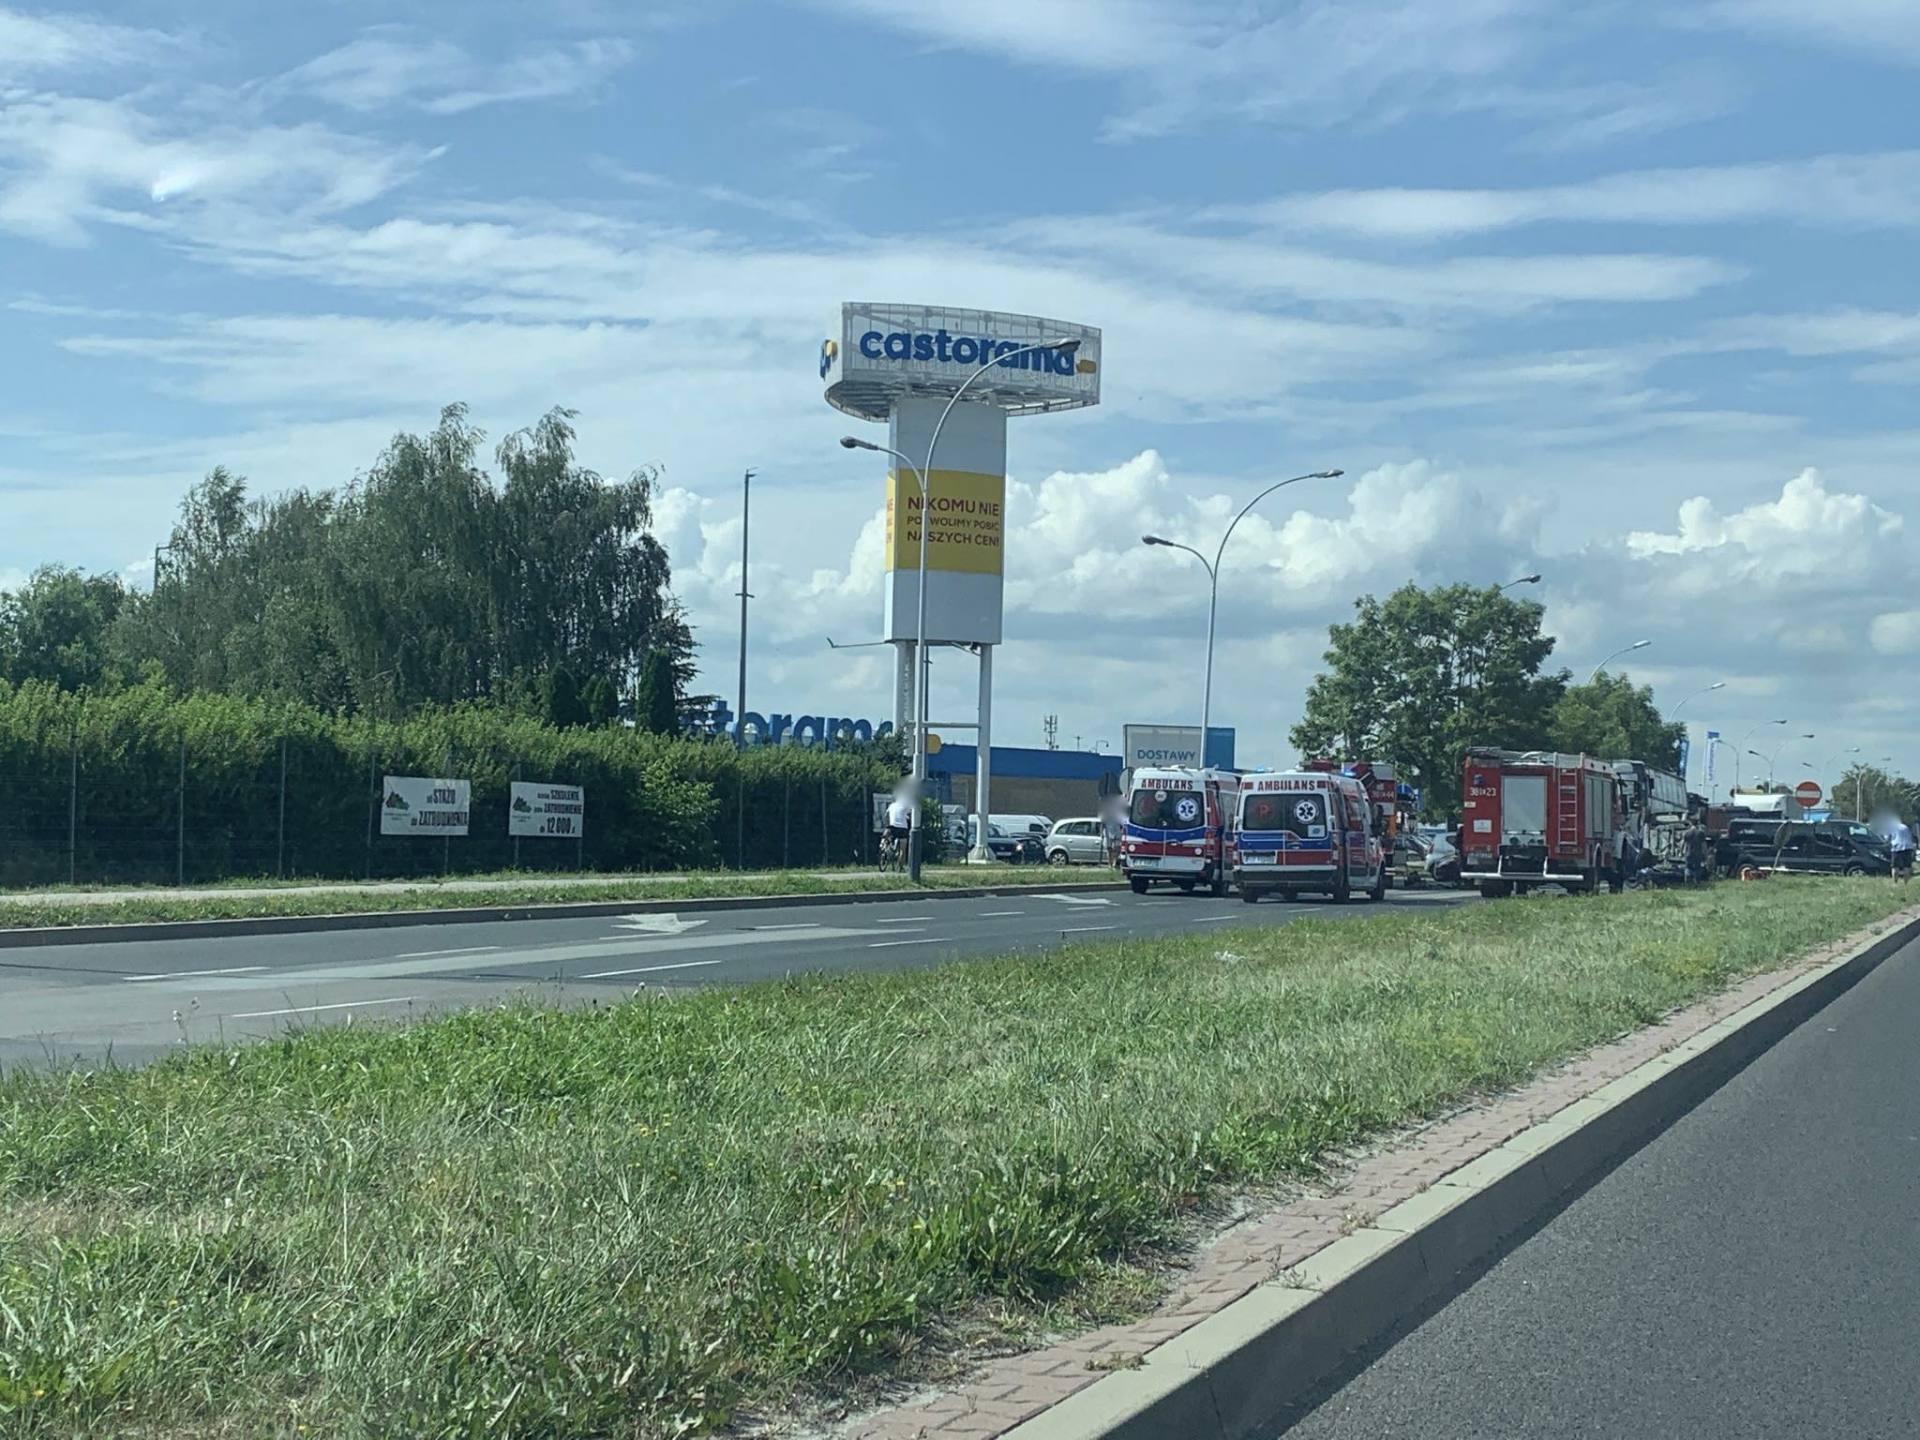 117966641 342000273594656 67508272369295695 n UWAGA kierowcy! Poważny wypadek przy Castoramie. Samochód dachował, droga jest zablokowana.